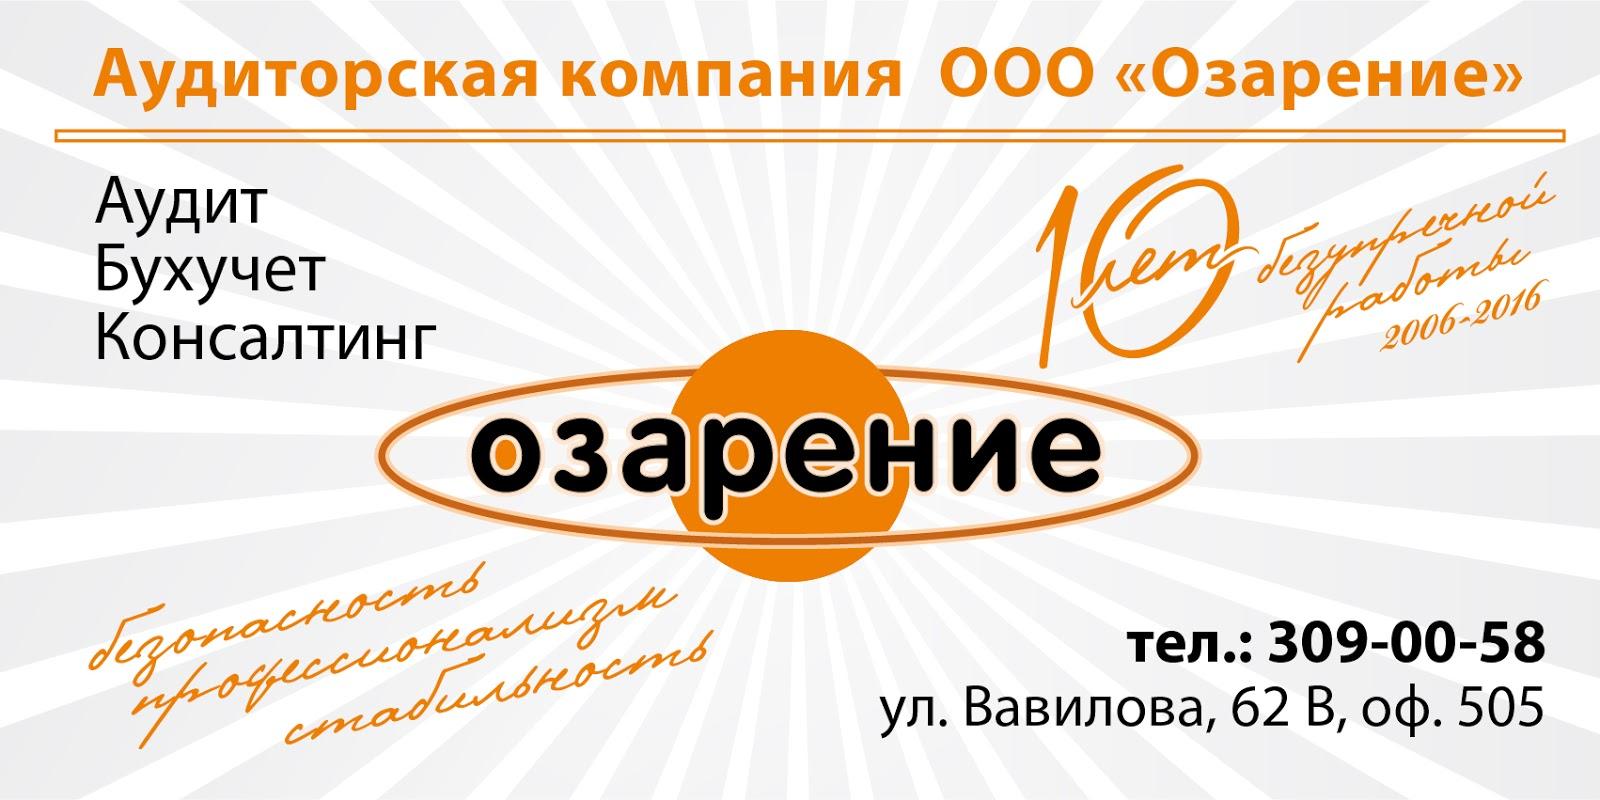 бланк договора инициативного аудита